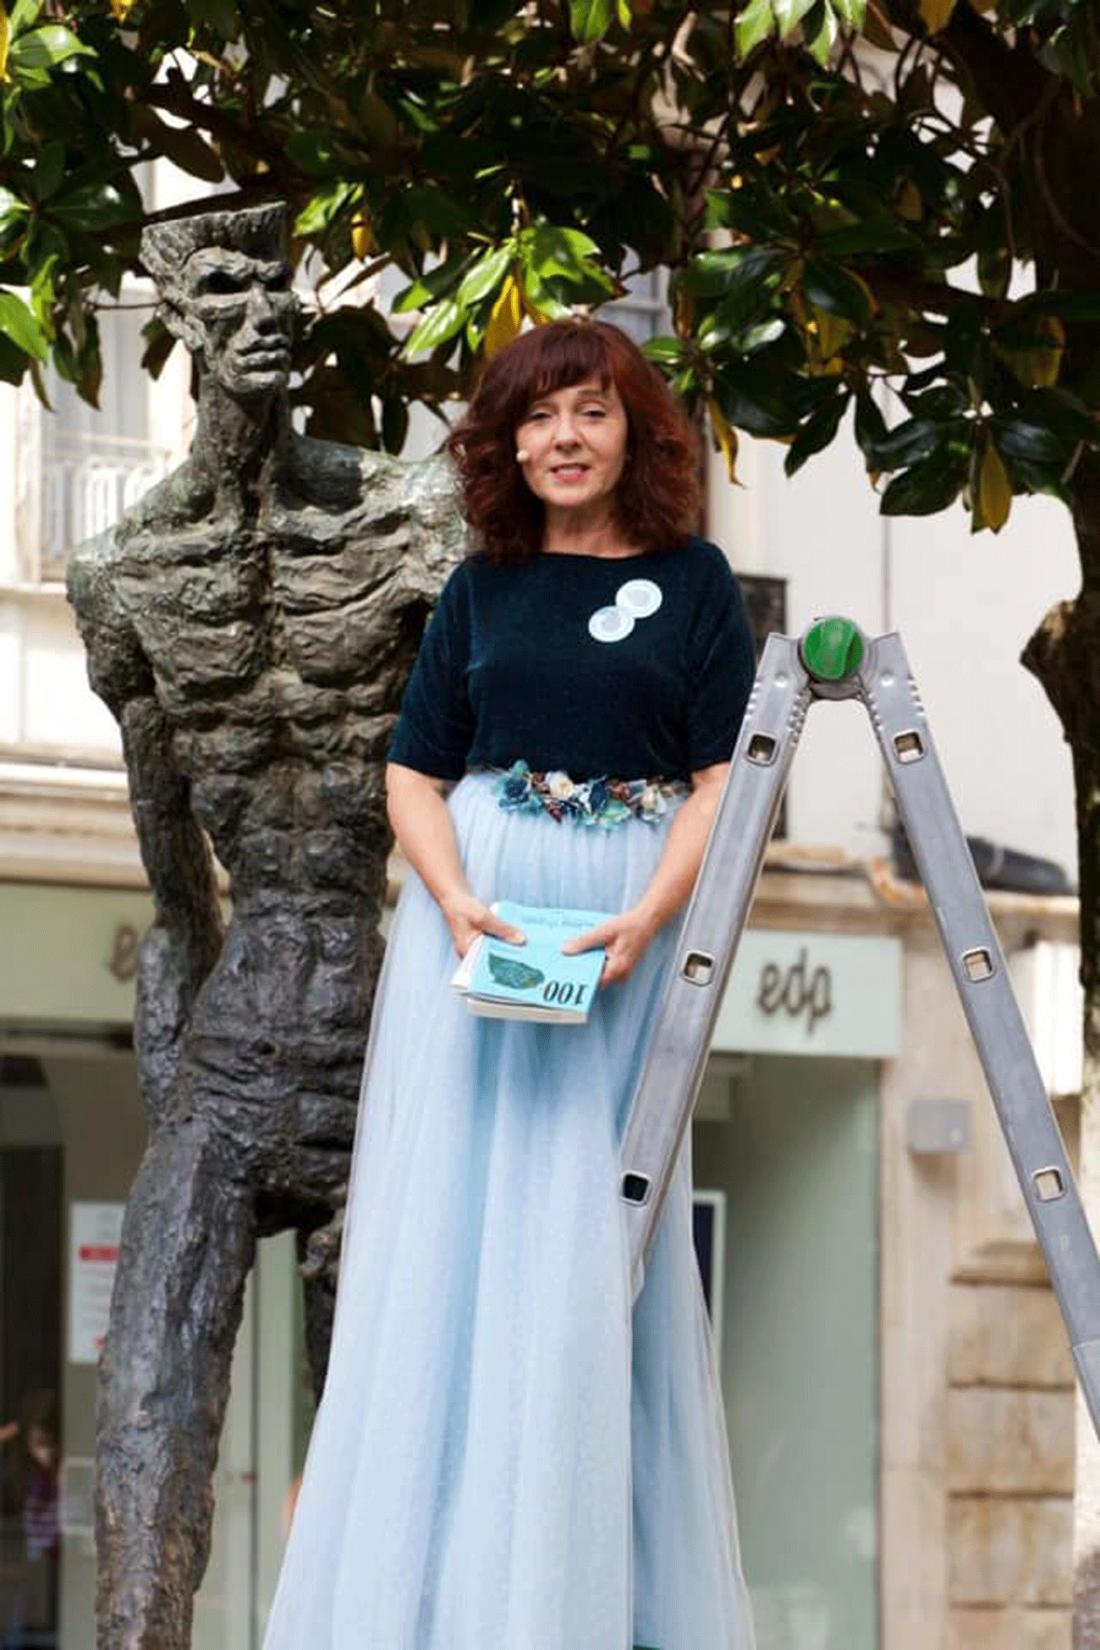 Elisa Rueda, junto al caminante, inaugura Poetas en mayo 2021